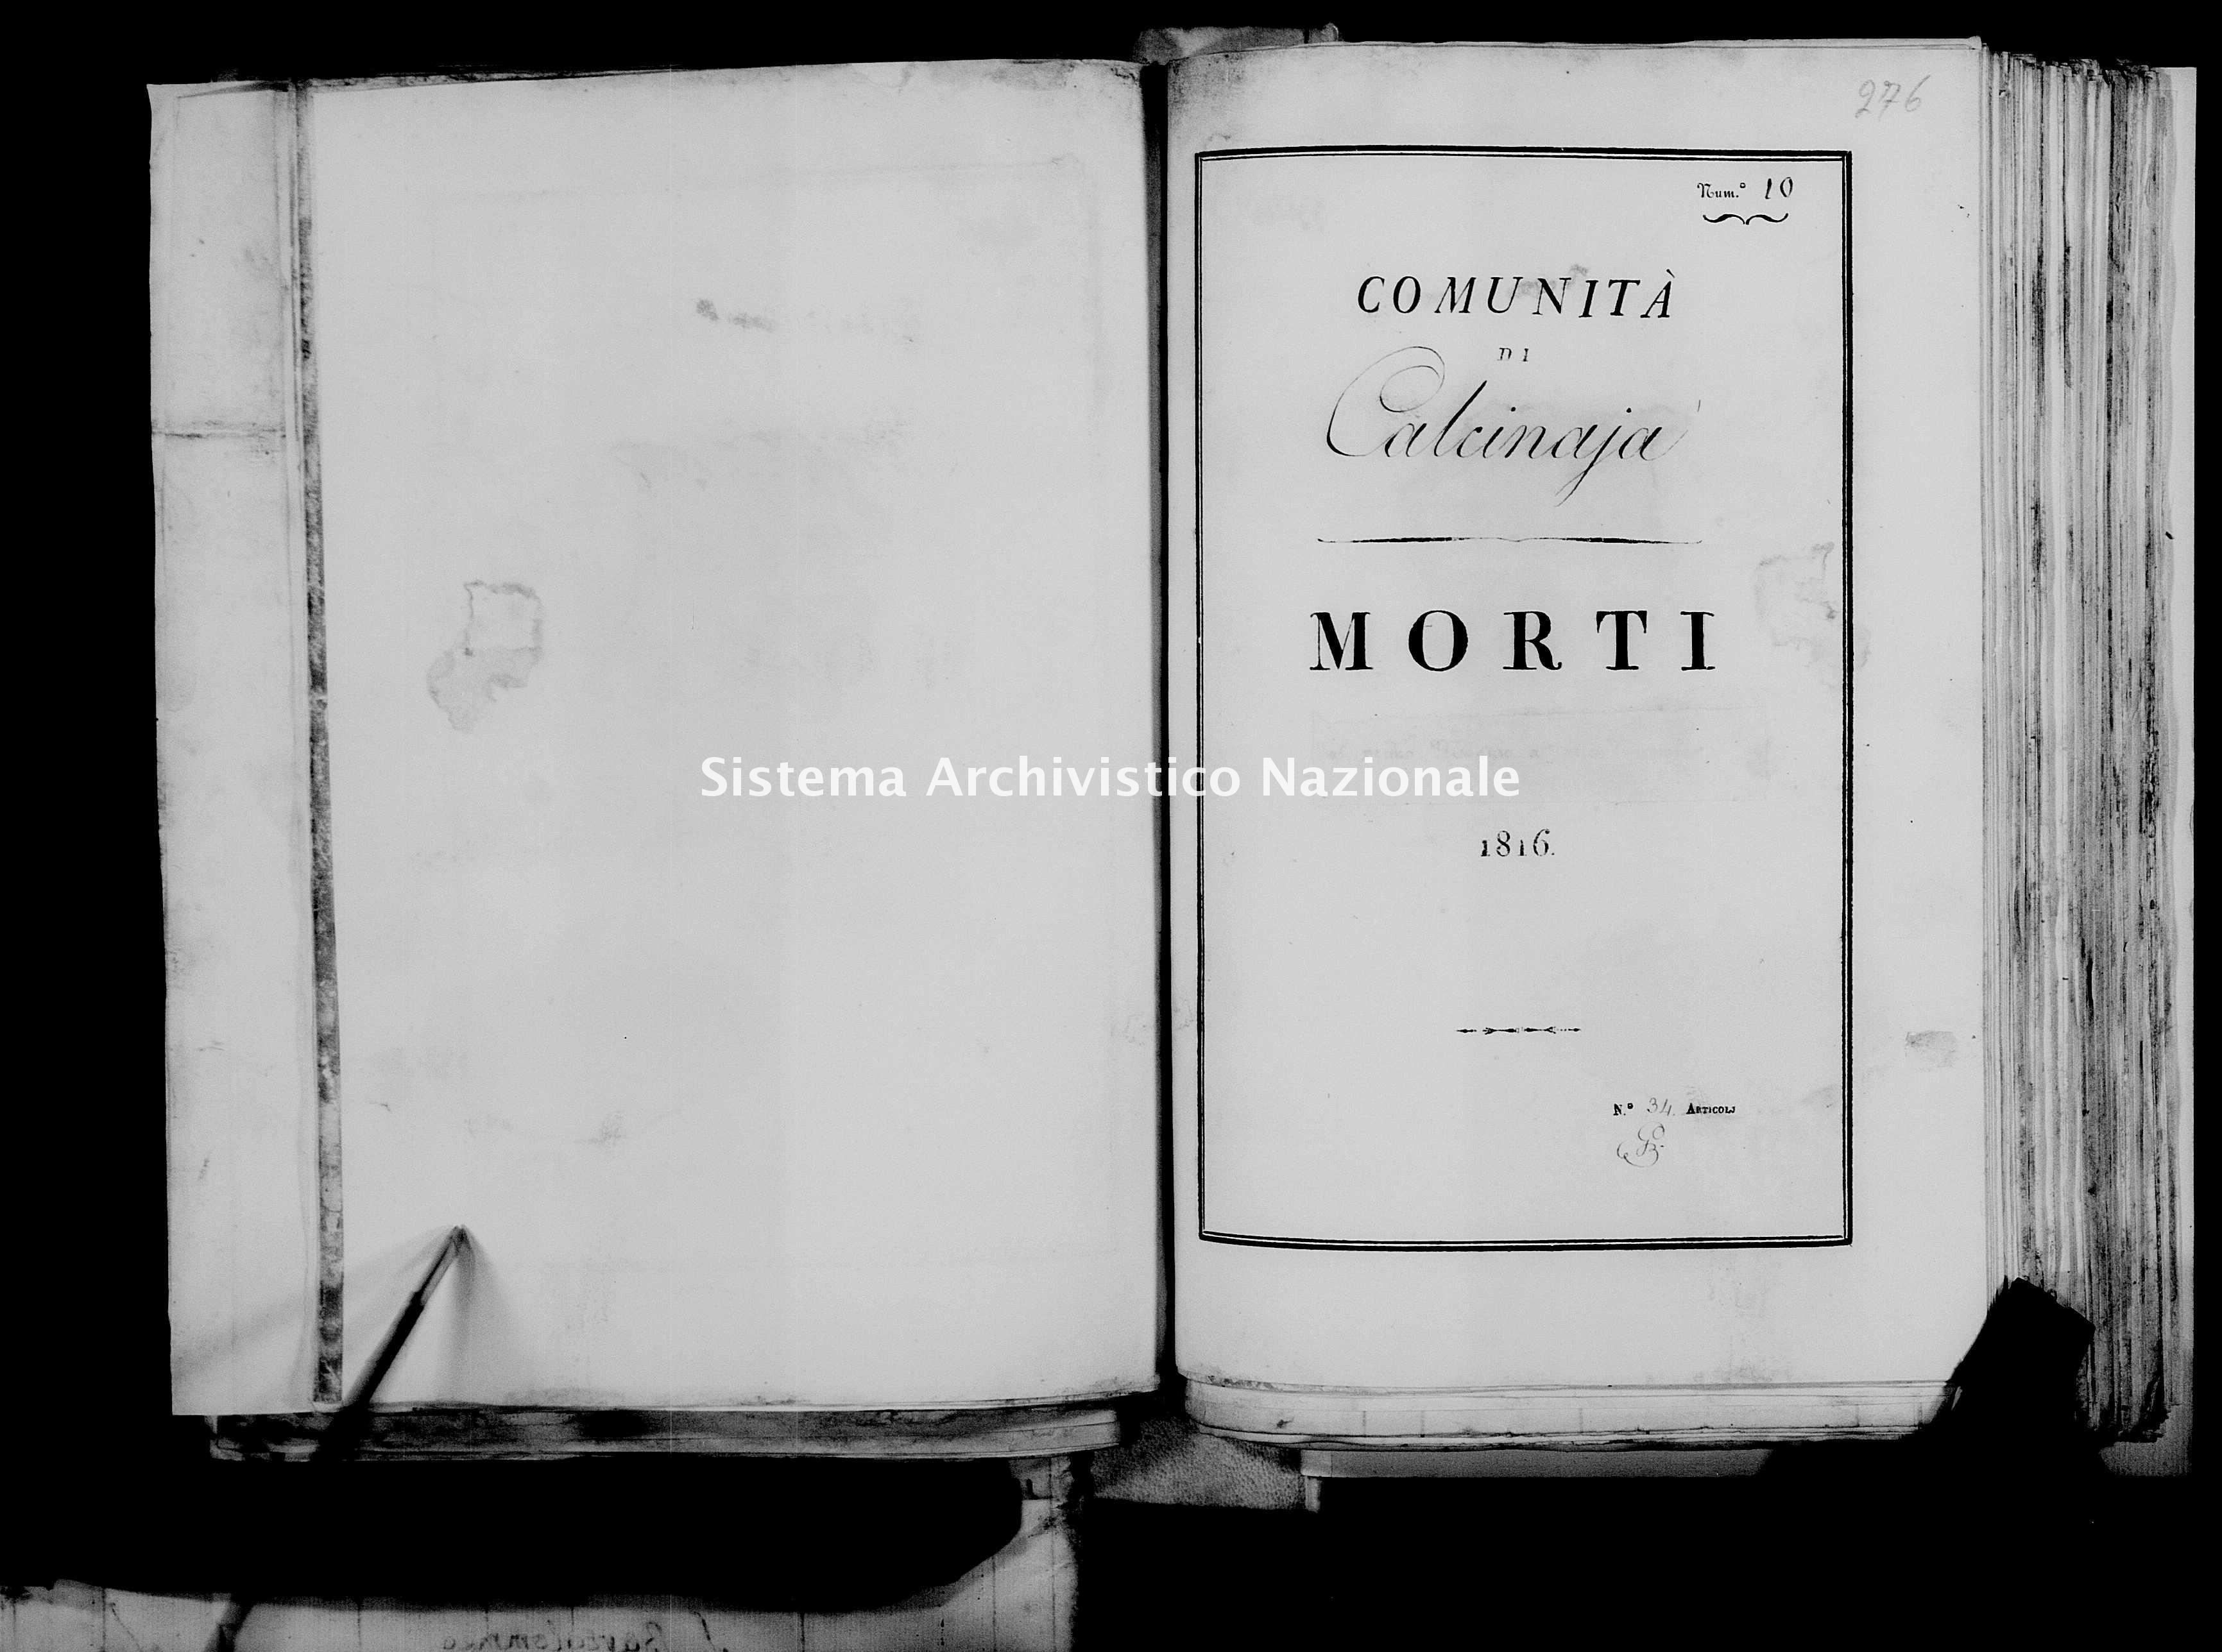 Archivio di stato di Firenze - Stato civile di Toscana (1808-1865) - Calcinaia - Morti - 1816 - 26 -